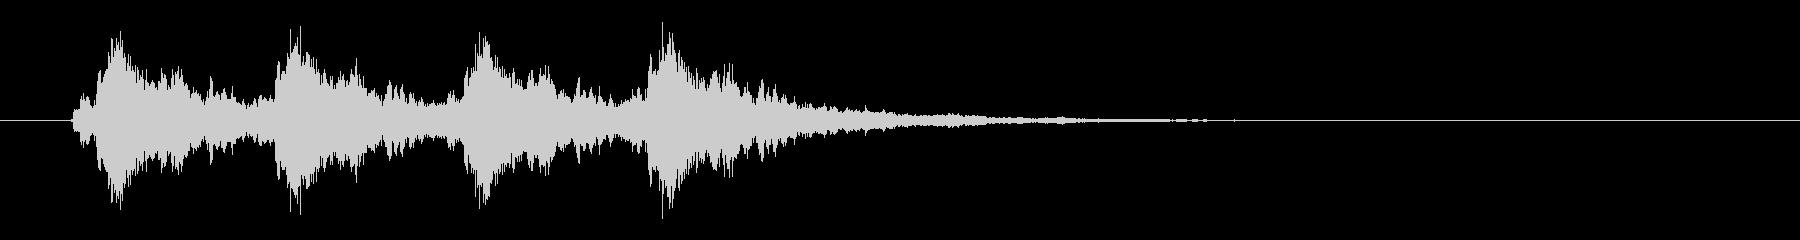 鈴の音(シャンシャンシャンシャン)の未再生の波形